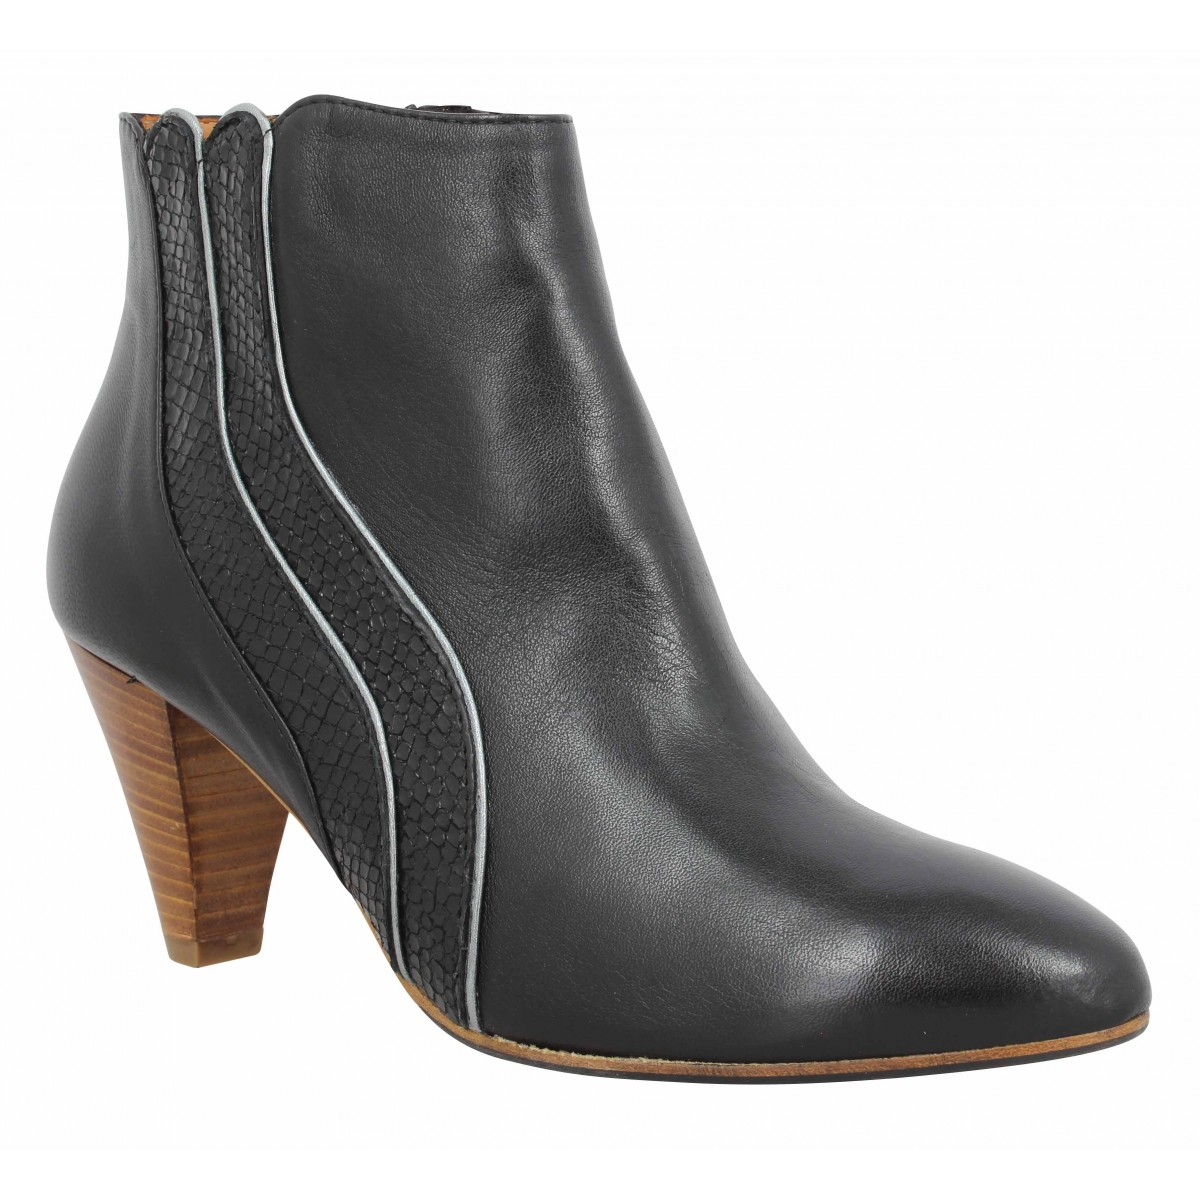 Bottines LES VENUES 4362 cuir Femme Noir